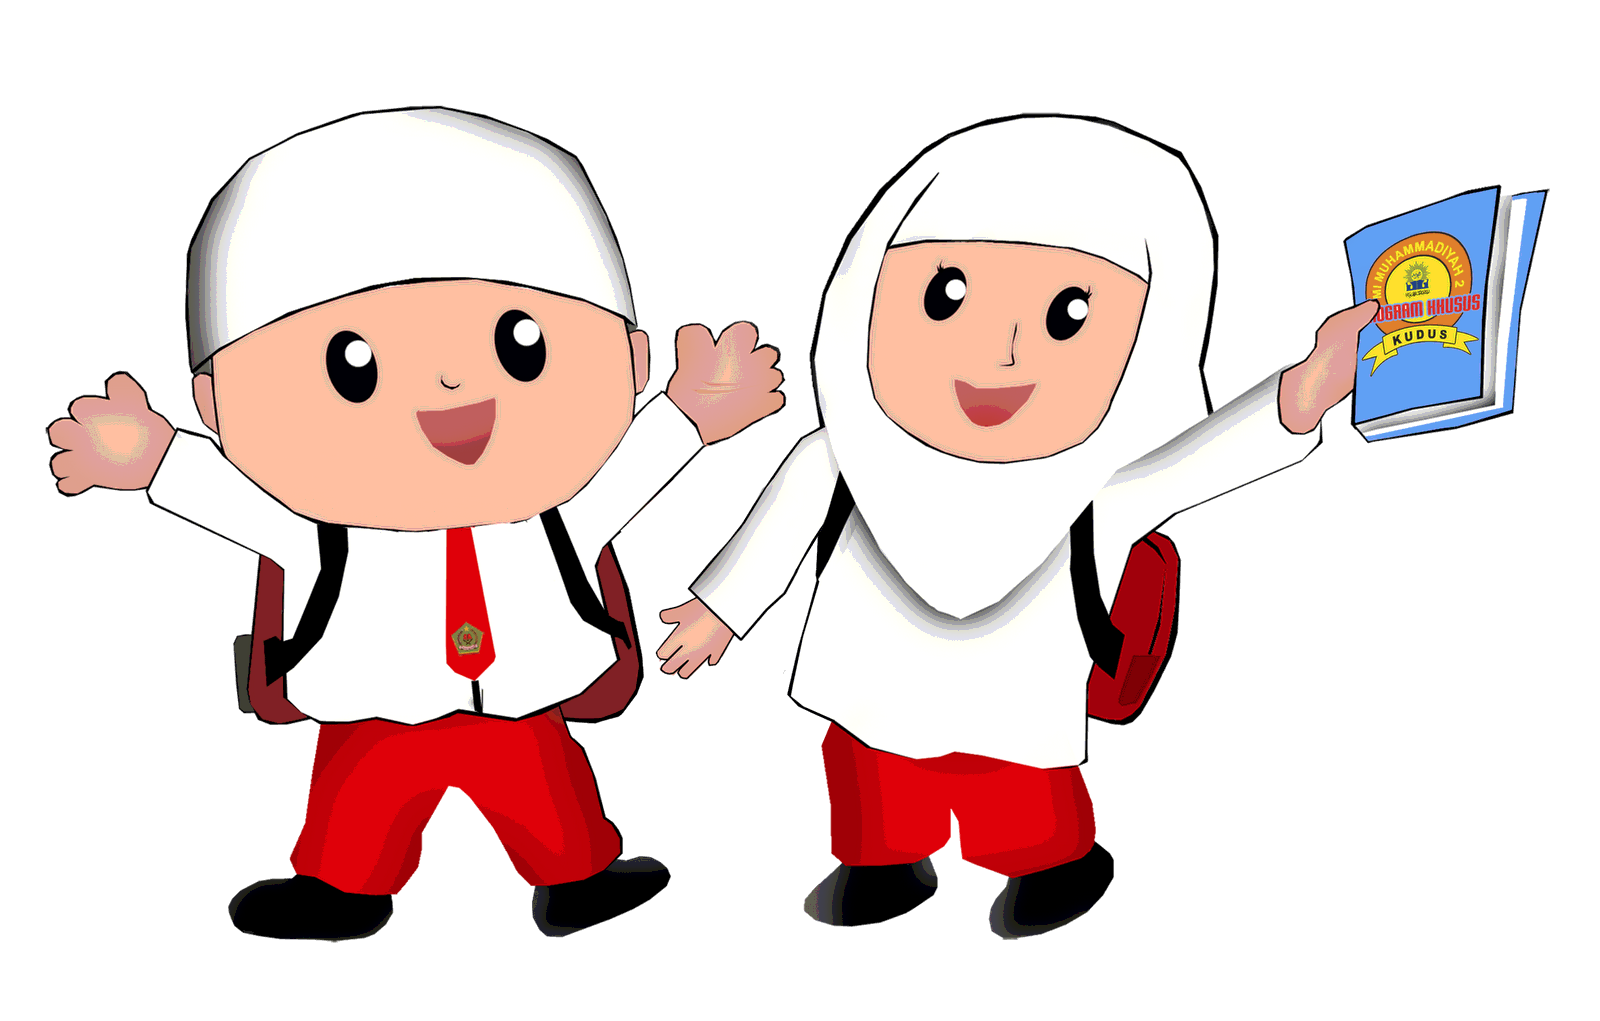 Gambar Kartun Anak Sd Muslim Komicbox